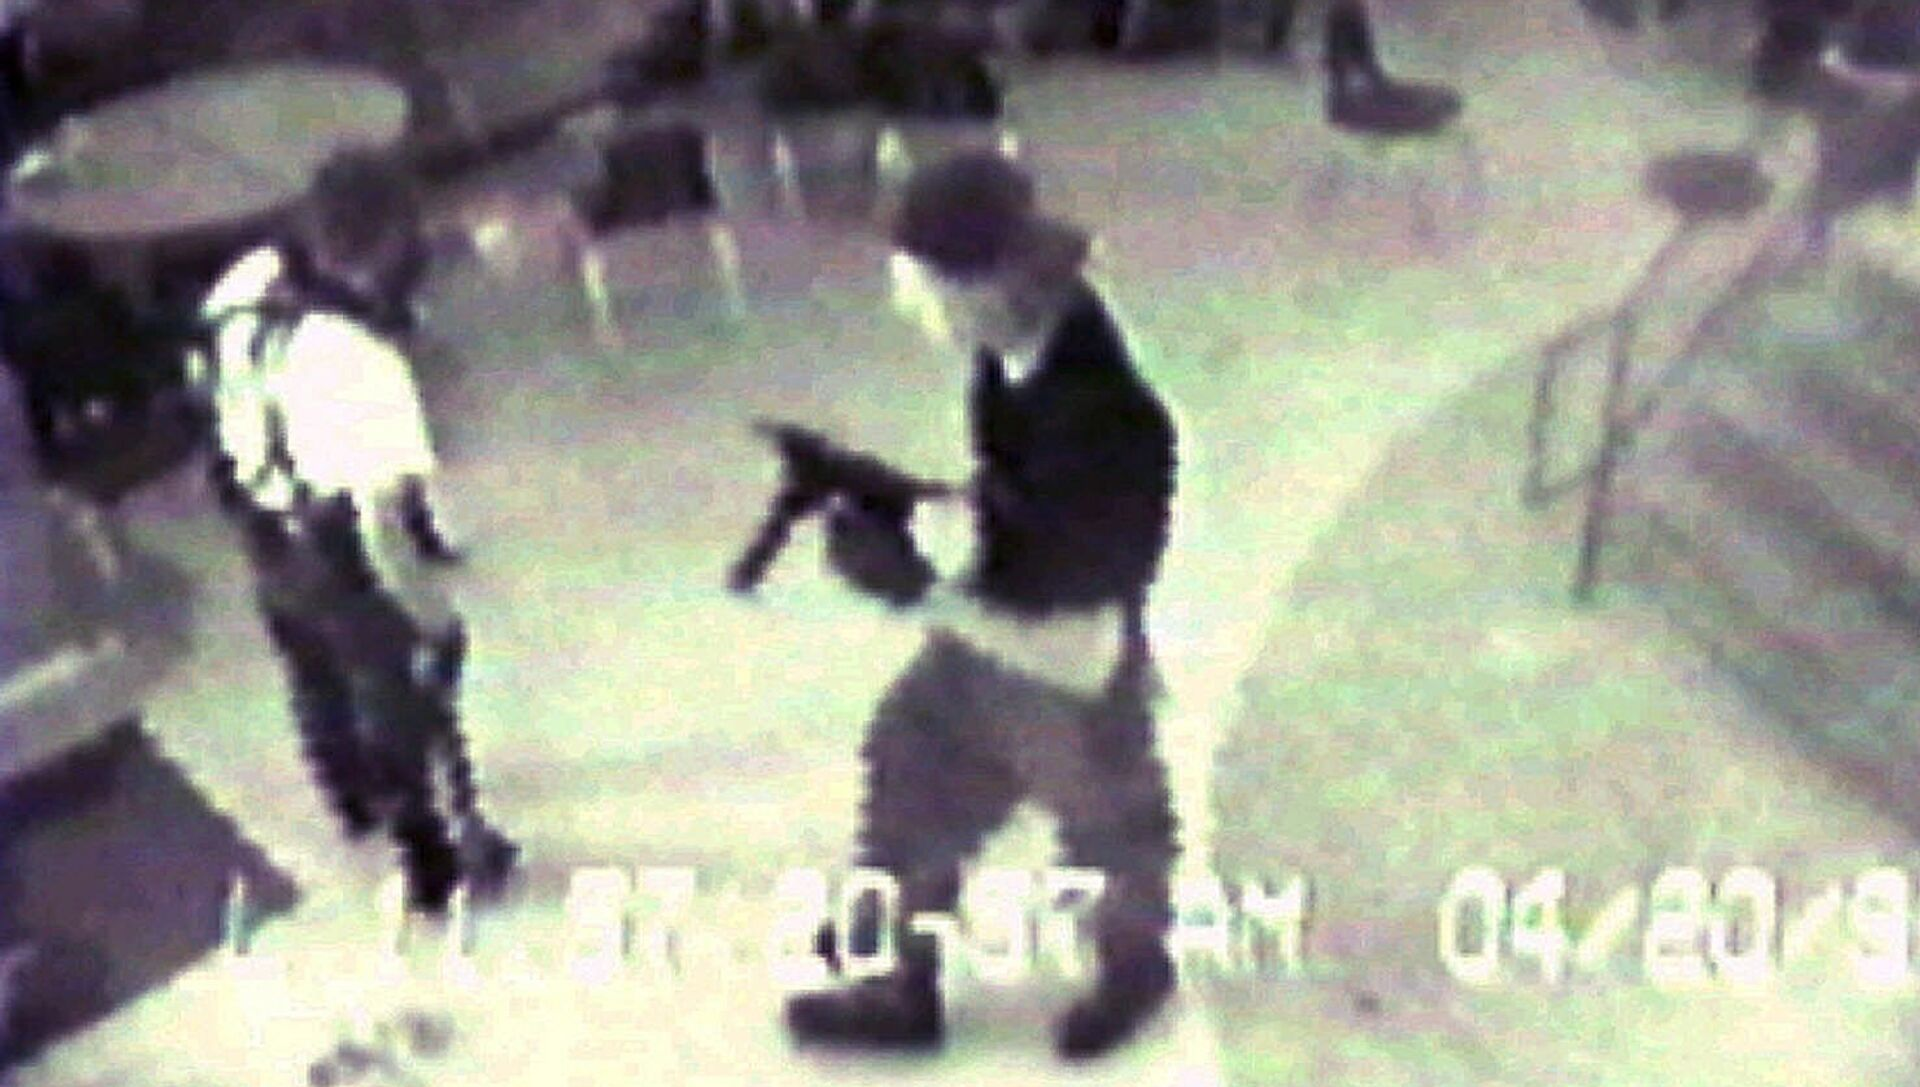 Эрик Харрис и Дилан Клеболда во время стрельбы в школе Колумбайн - РИА Новости, 1920, 07.05.2018